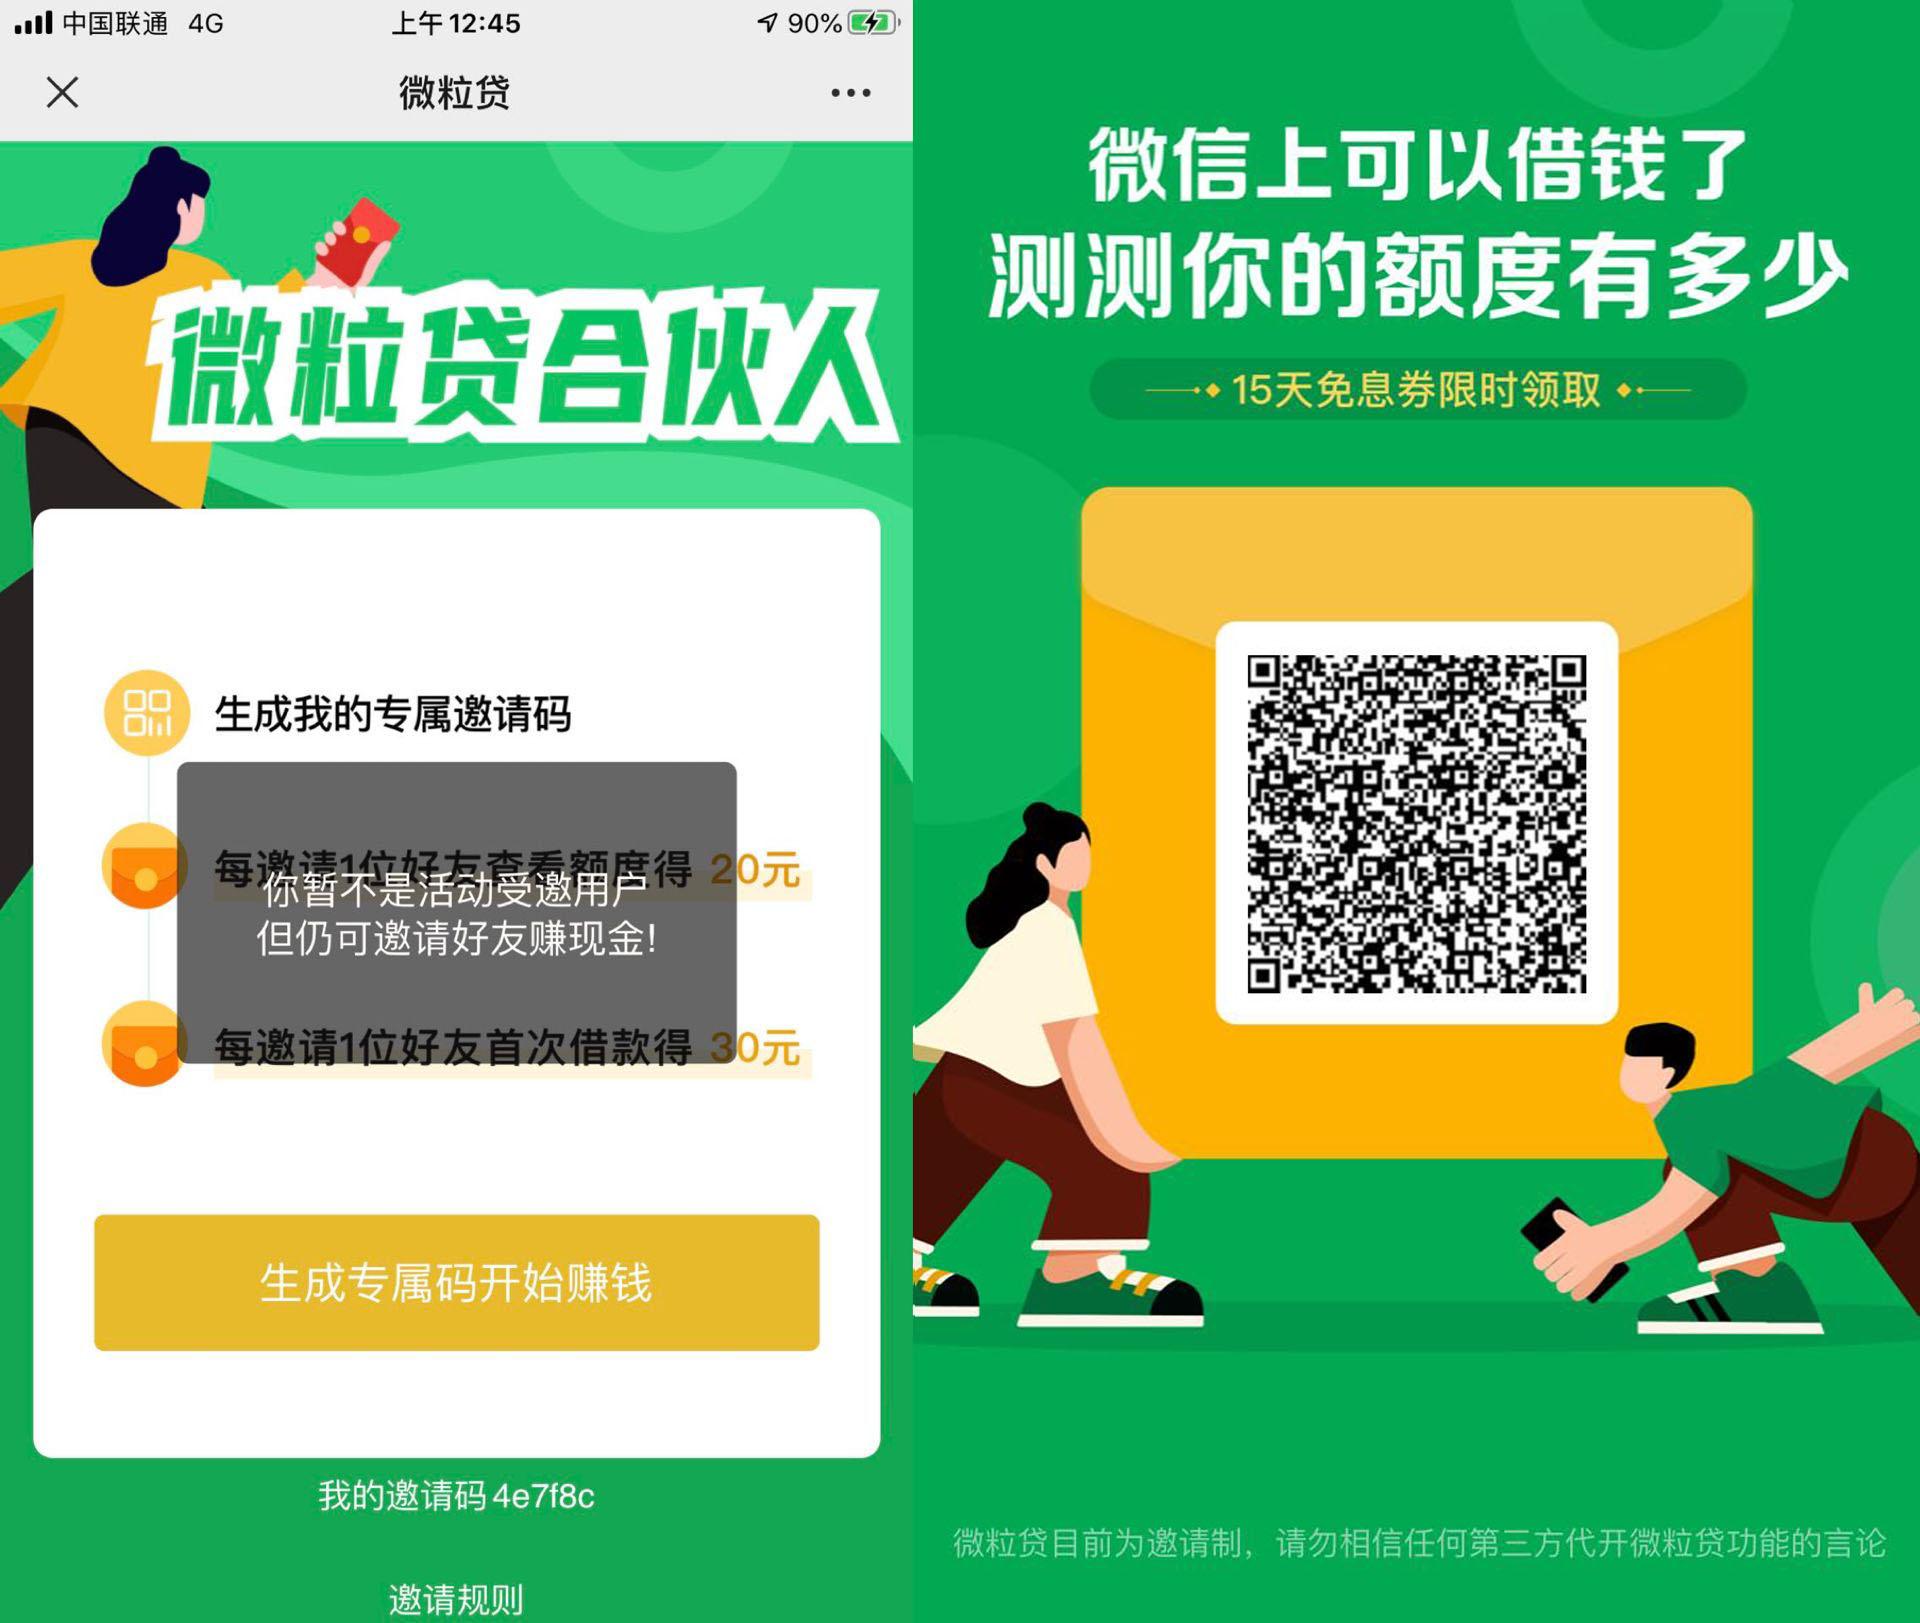 微粒贷专属邀请码内测撸20元微信红包